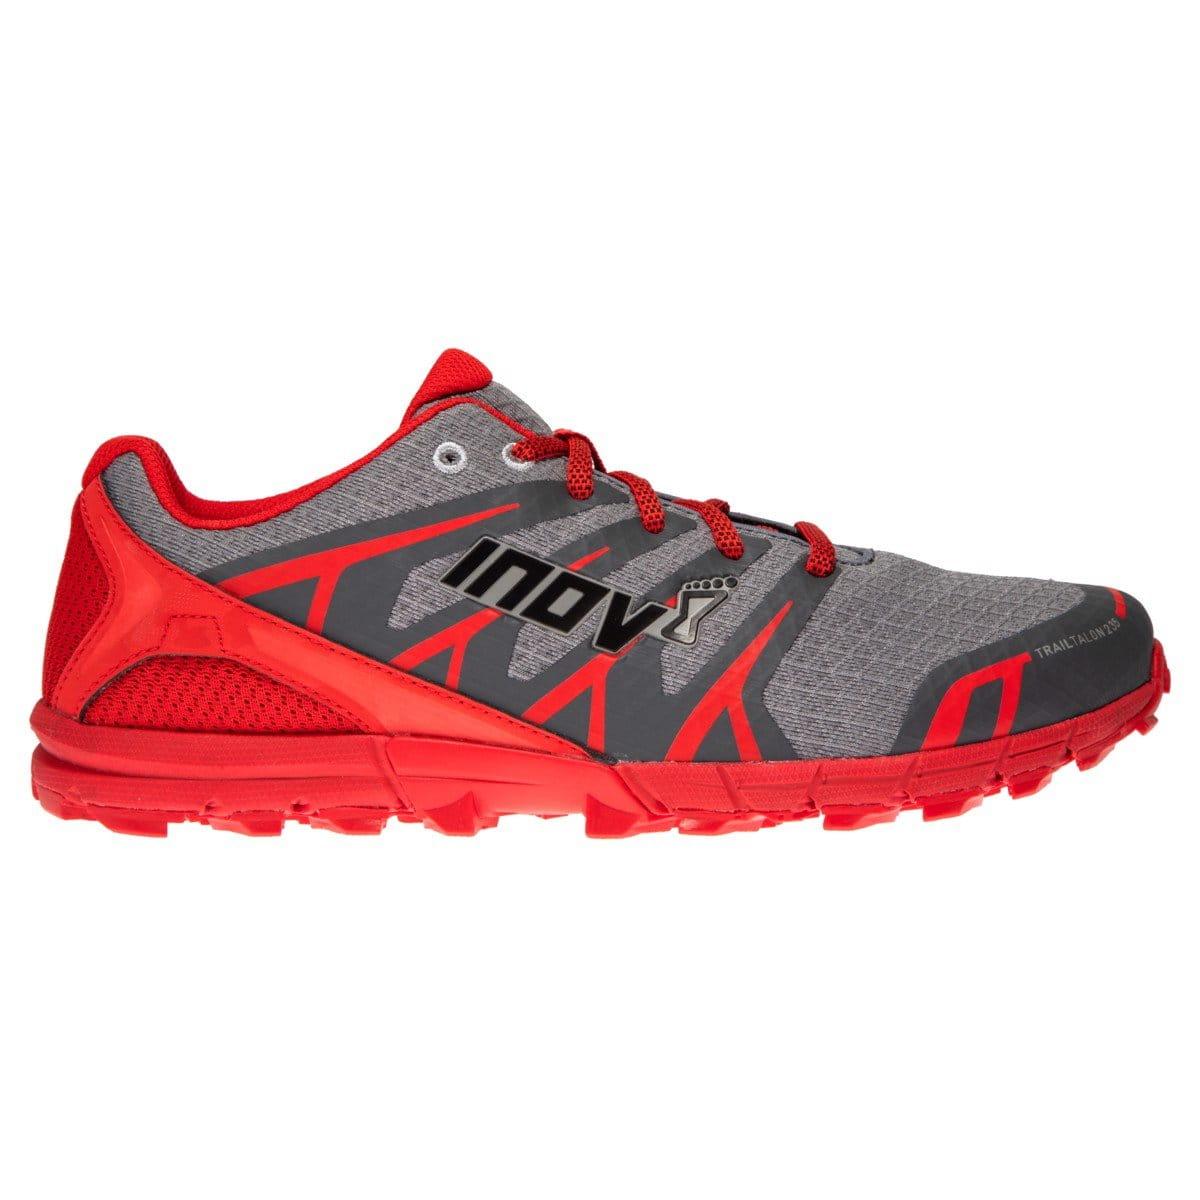 Běžecká obuv Inov-8  TRAIL TALON 235 M (S) grey/red šedá/červená